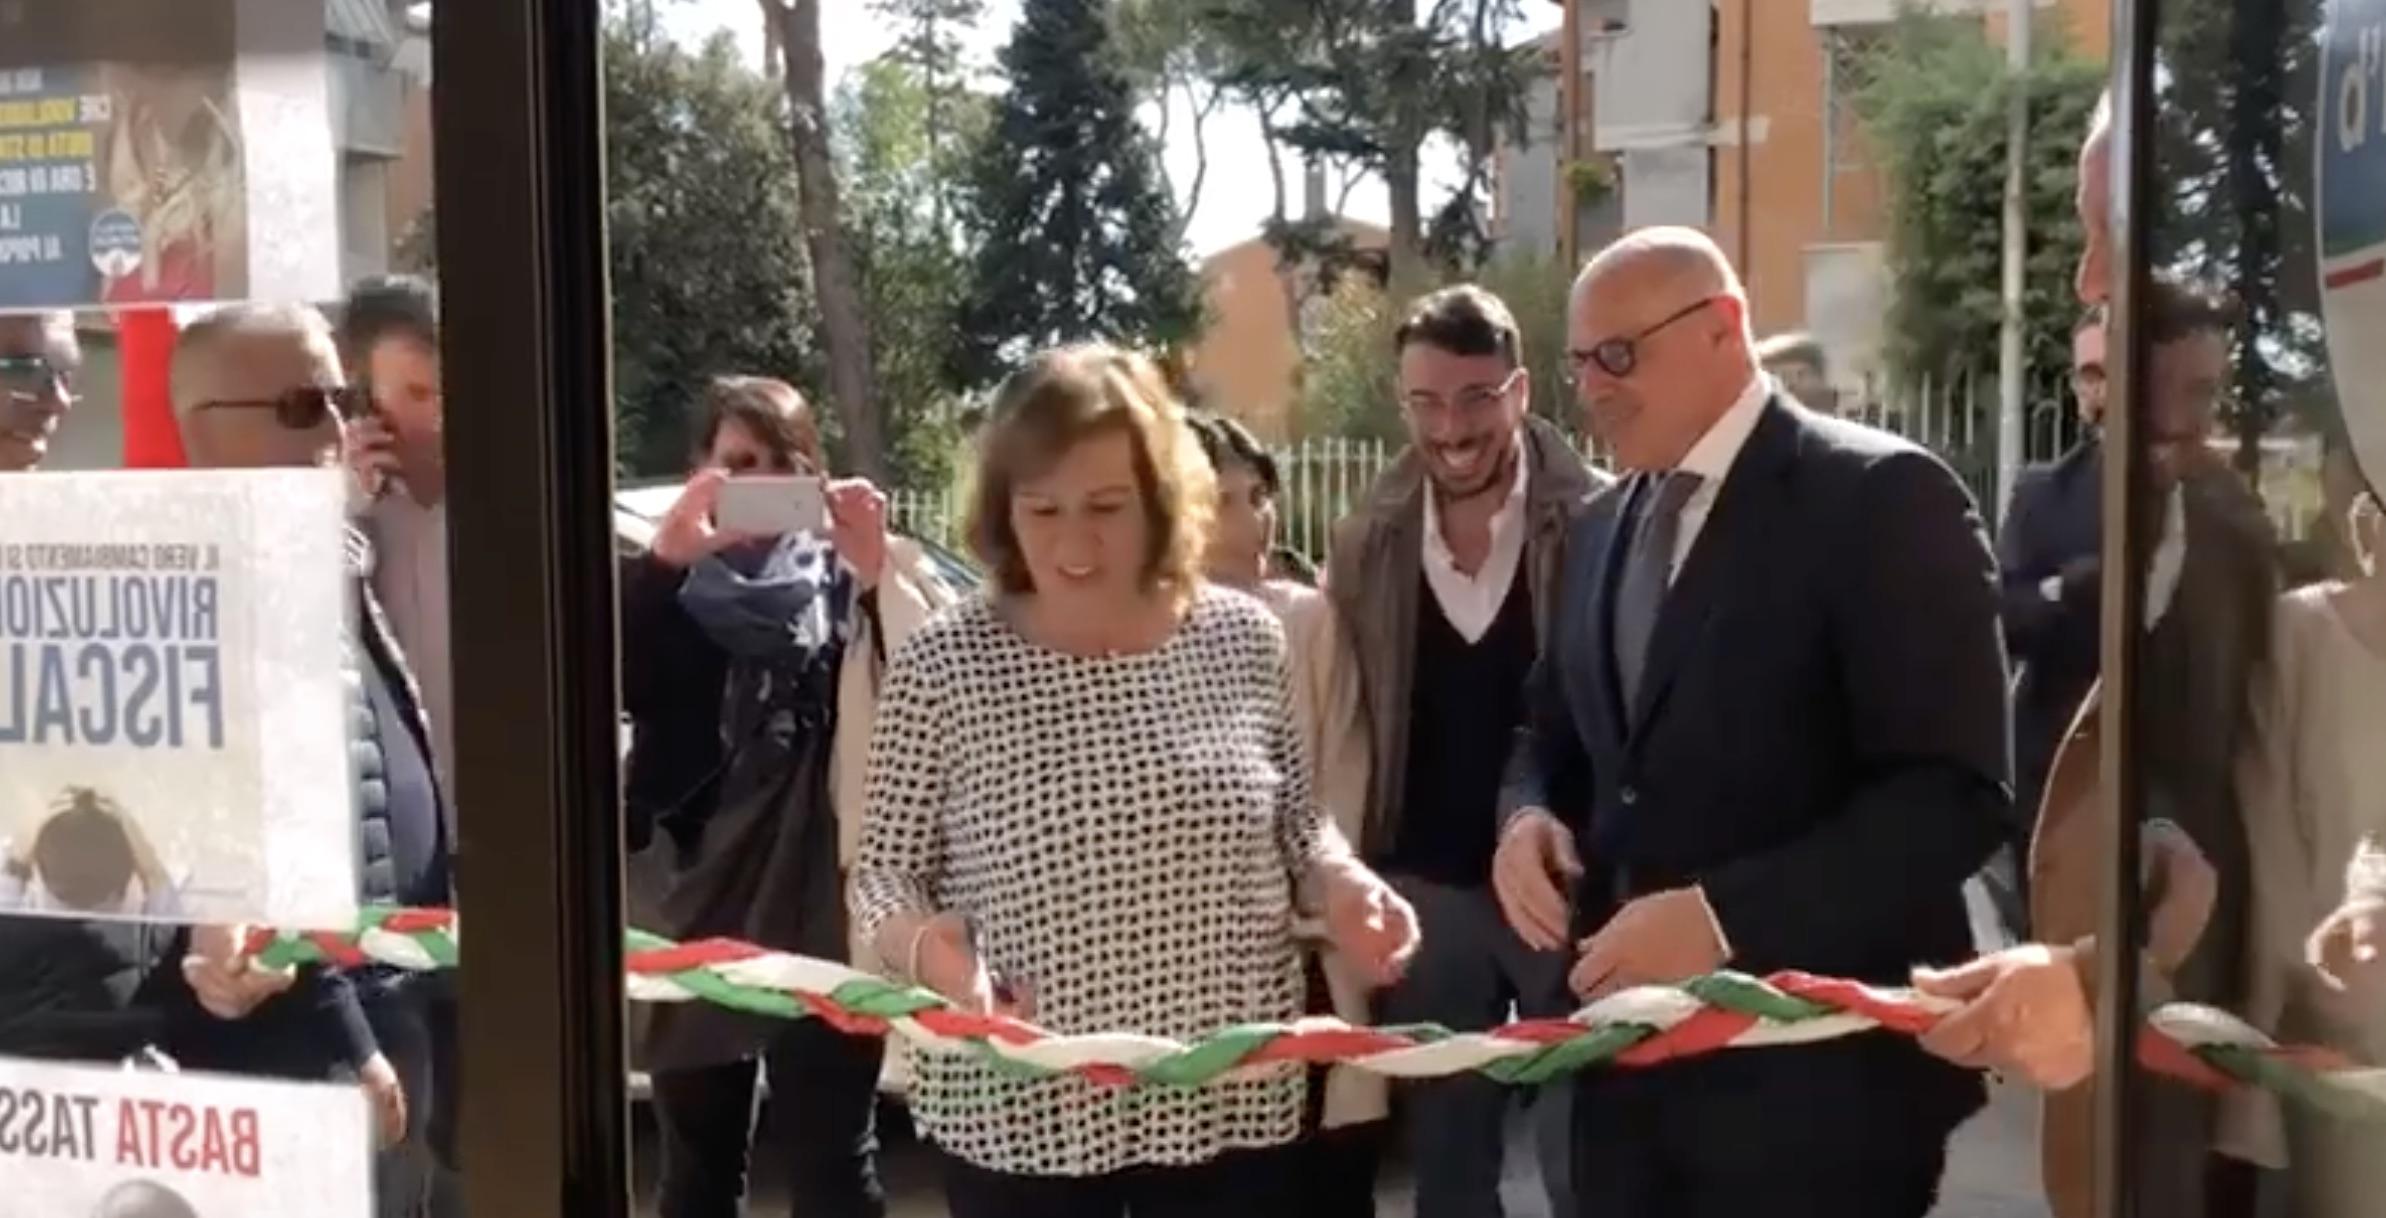 Ammaturo e Rampelli inaugurano sede FdI a Guidonia – VIDEO